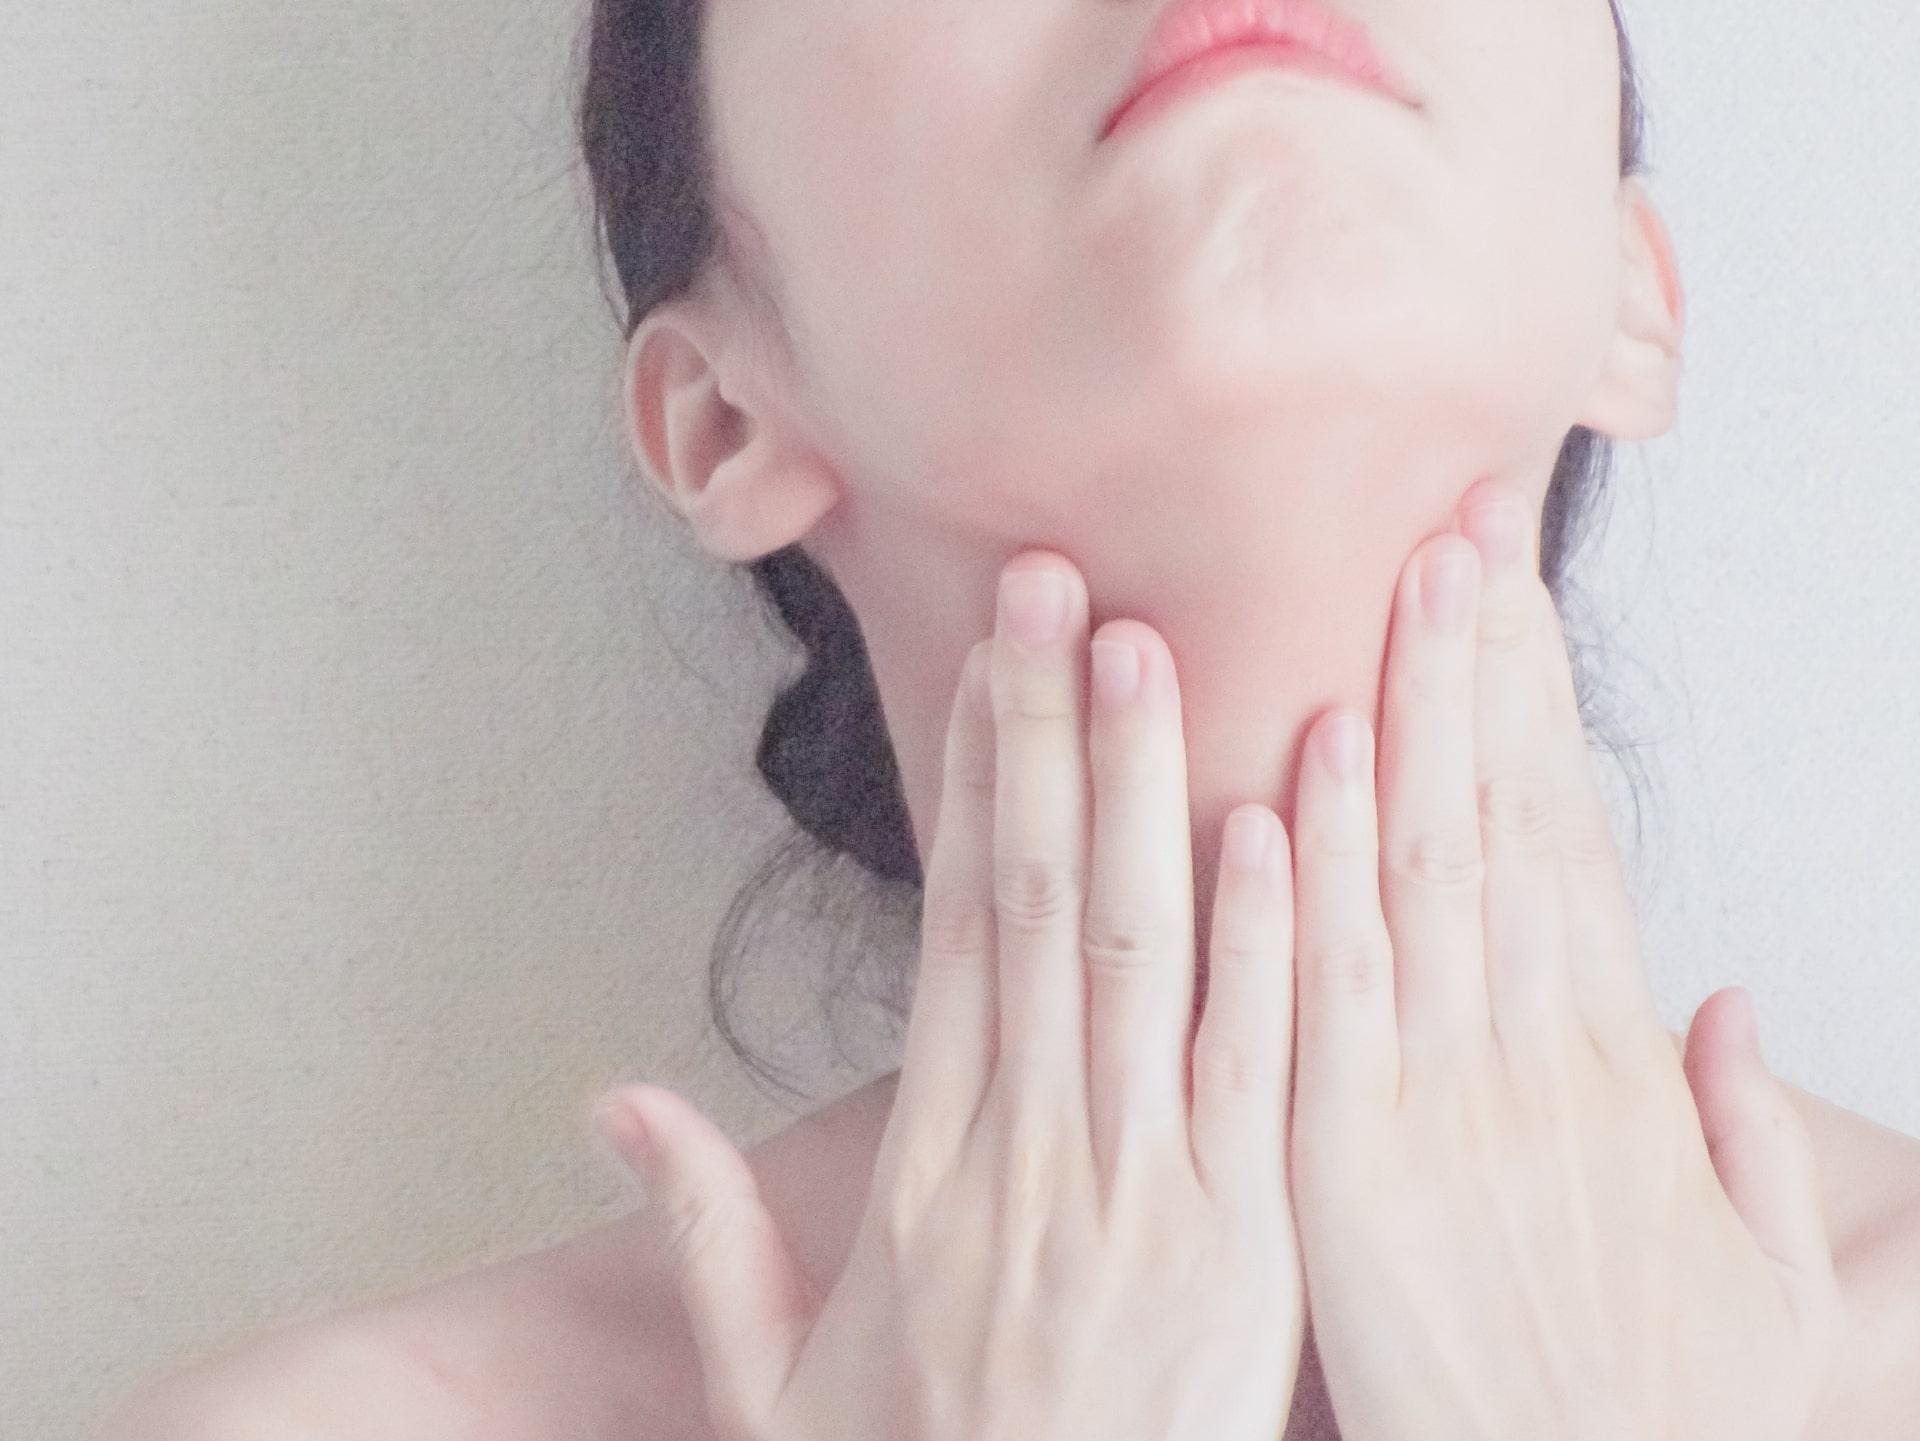 美しい首は美人に魅せます!基本のネックケアのご紹介